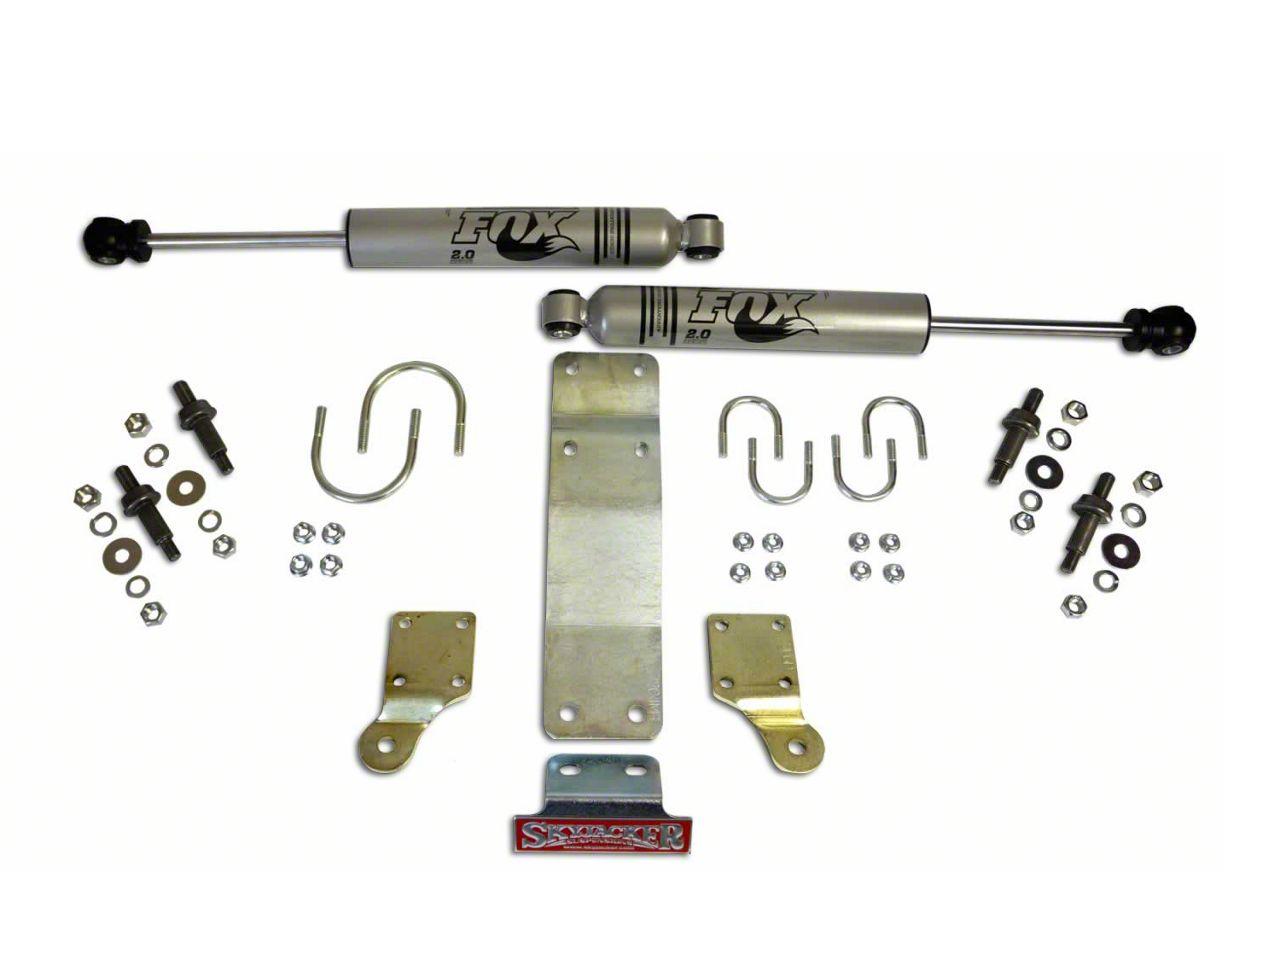 SkyJacker Standard Clearance Fox Dual Steering Stabilizer Kit for 1.75 in. OD Tie Rod Tube (07-18 Jeep Wrangler JK)